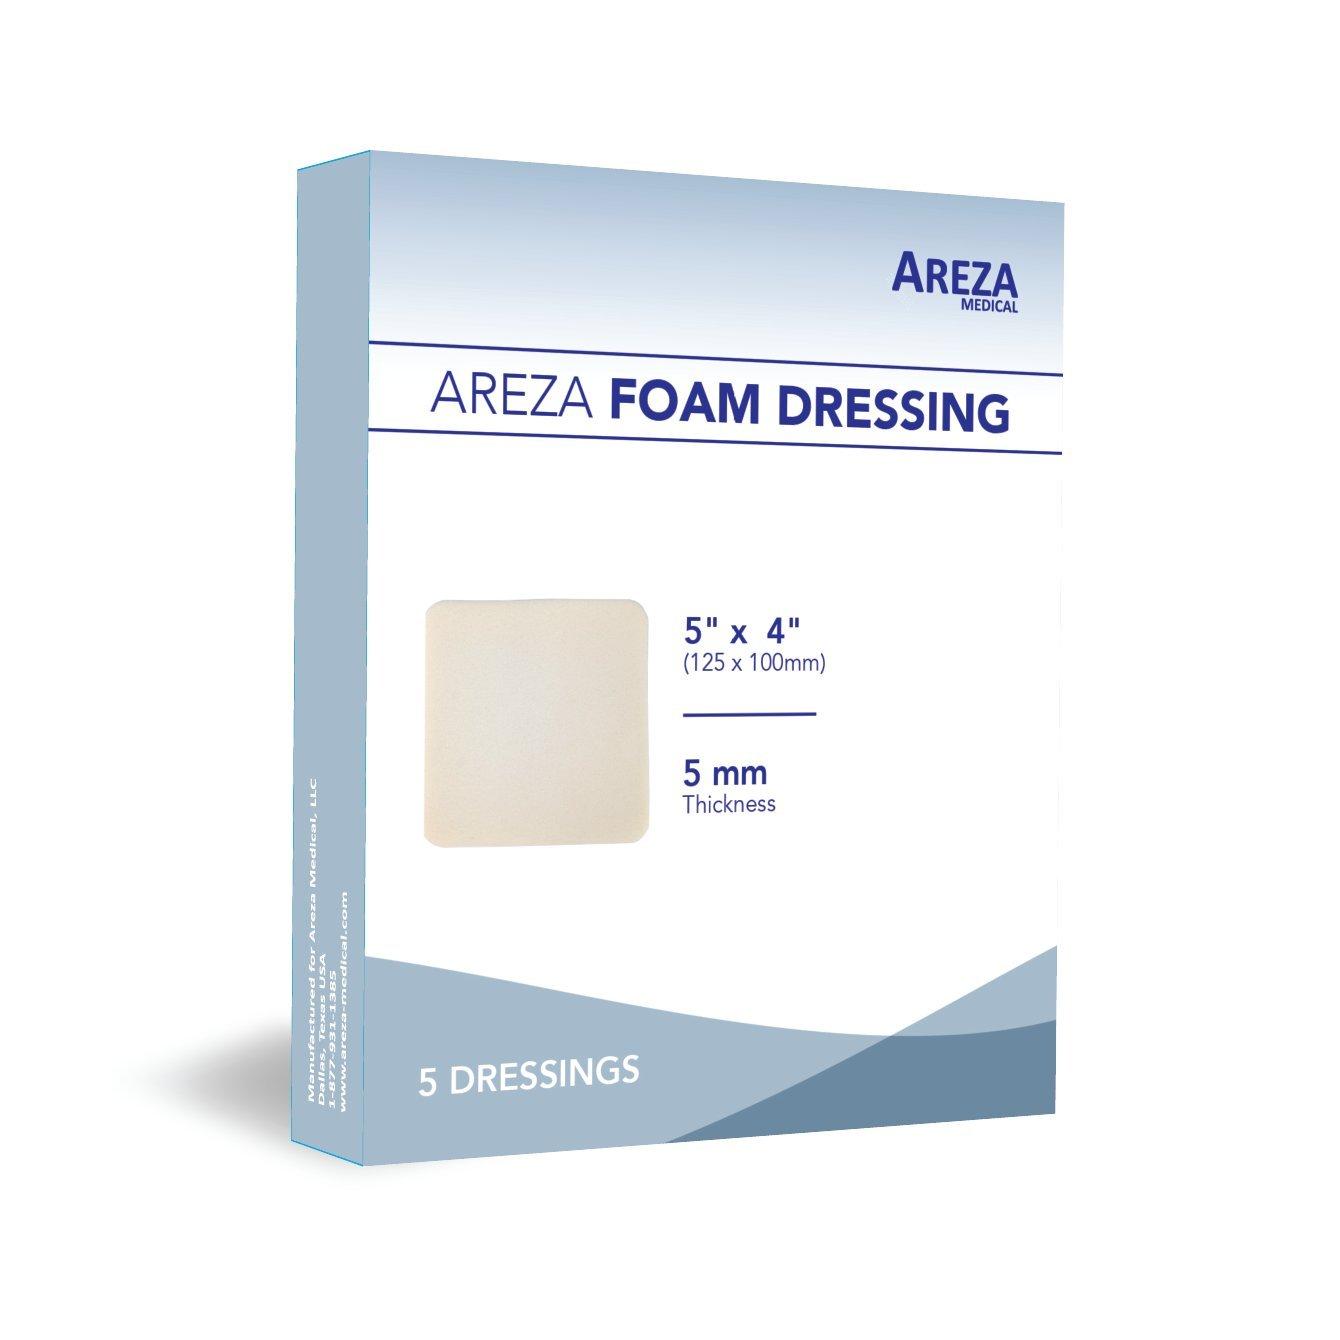 Foam Dressing Polyurethane 5''x4'' 12.5 Cm X 10 Cm Box of 5 Sterile (1)